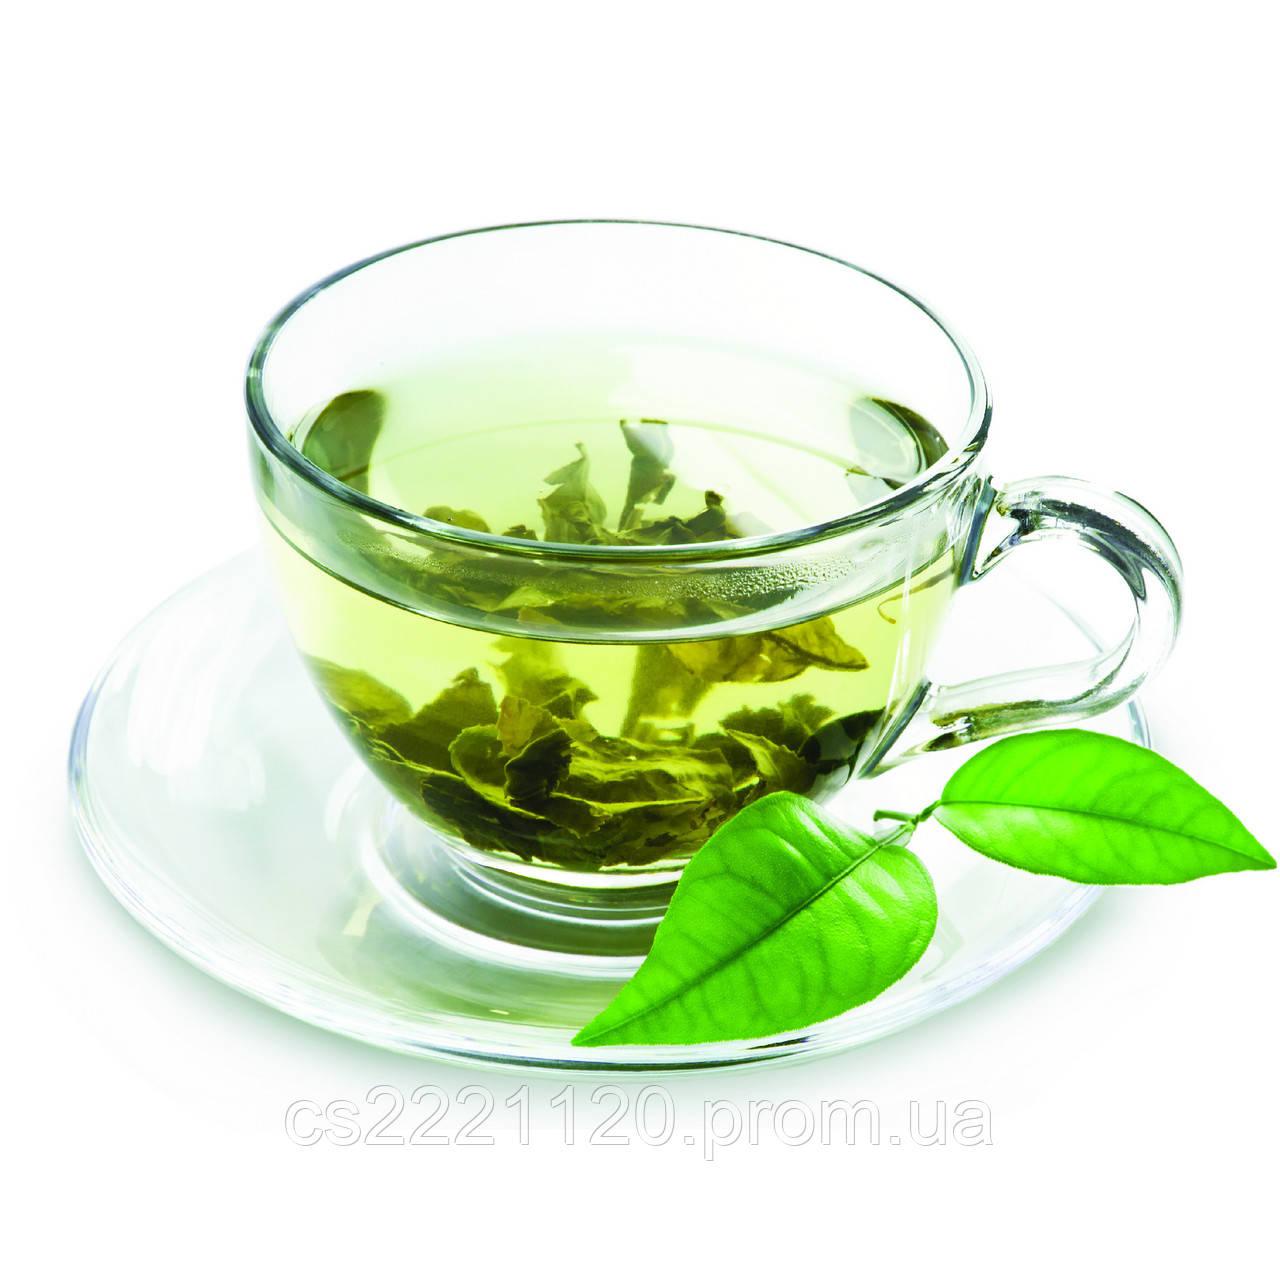 Ароматизатор TPA Green Tea (Зеленый чай) 10мл.